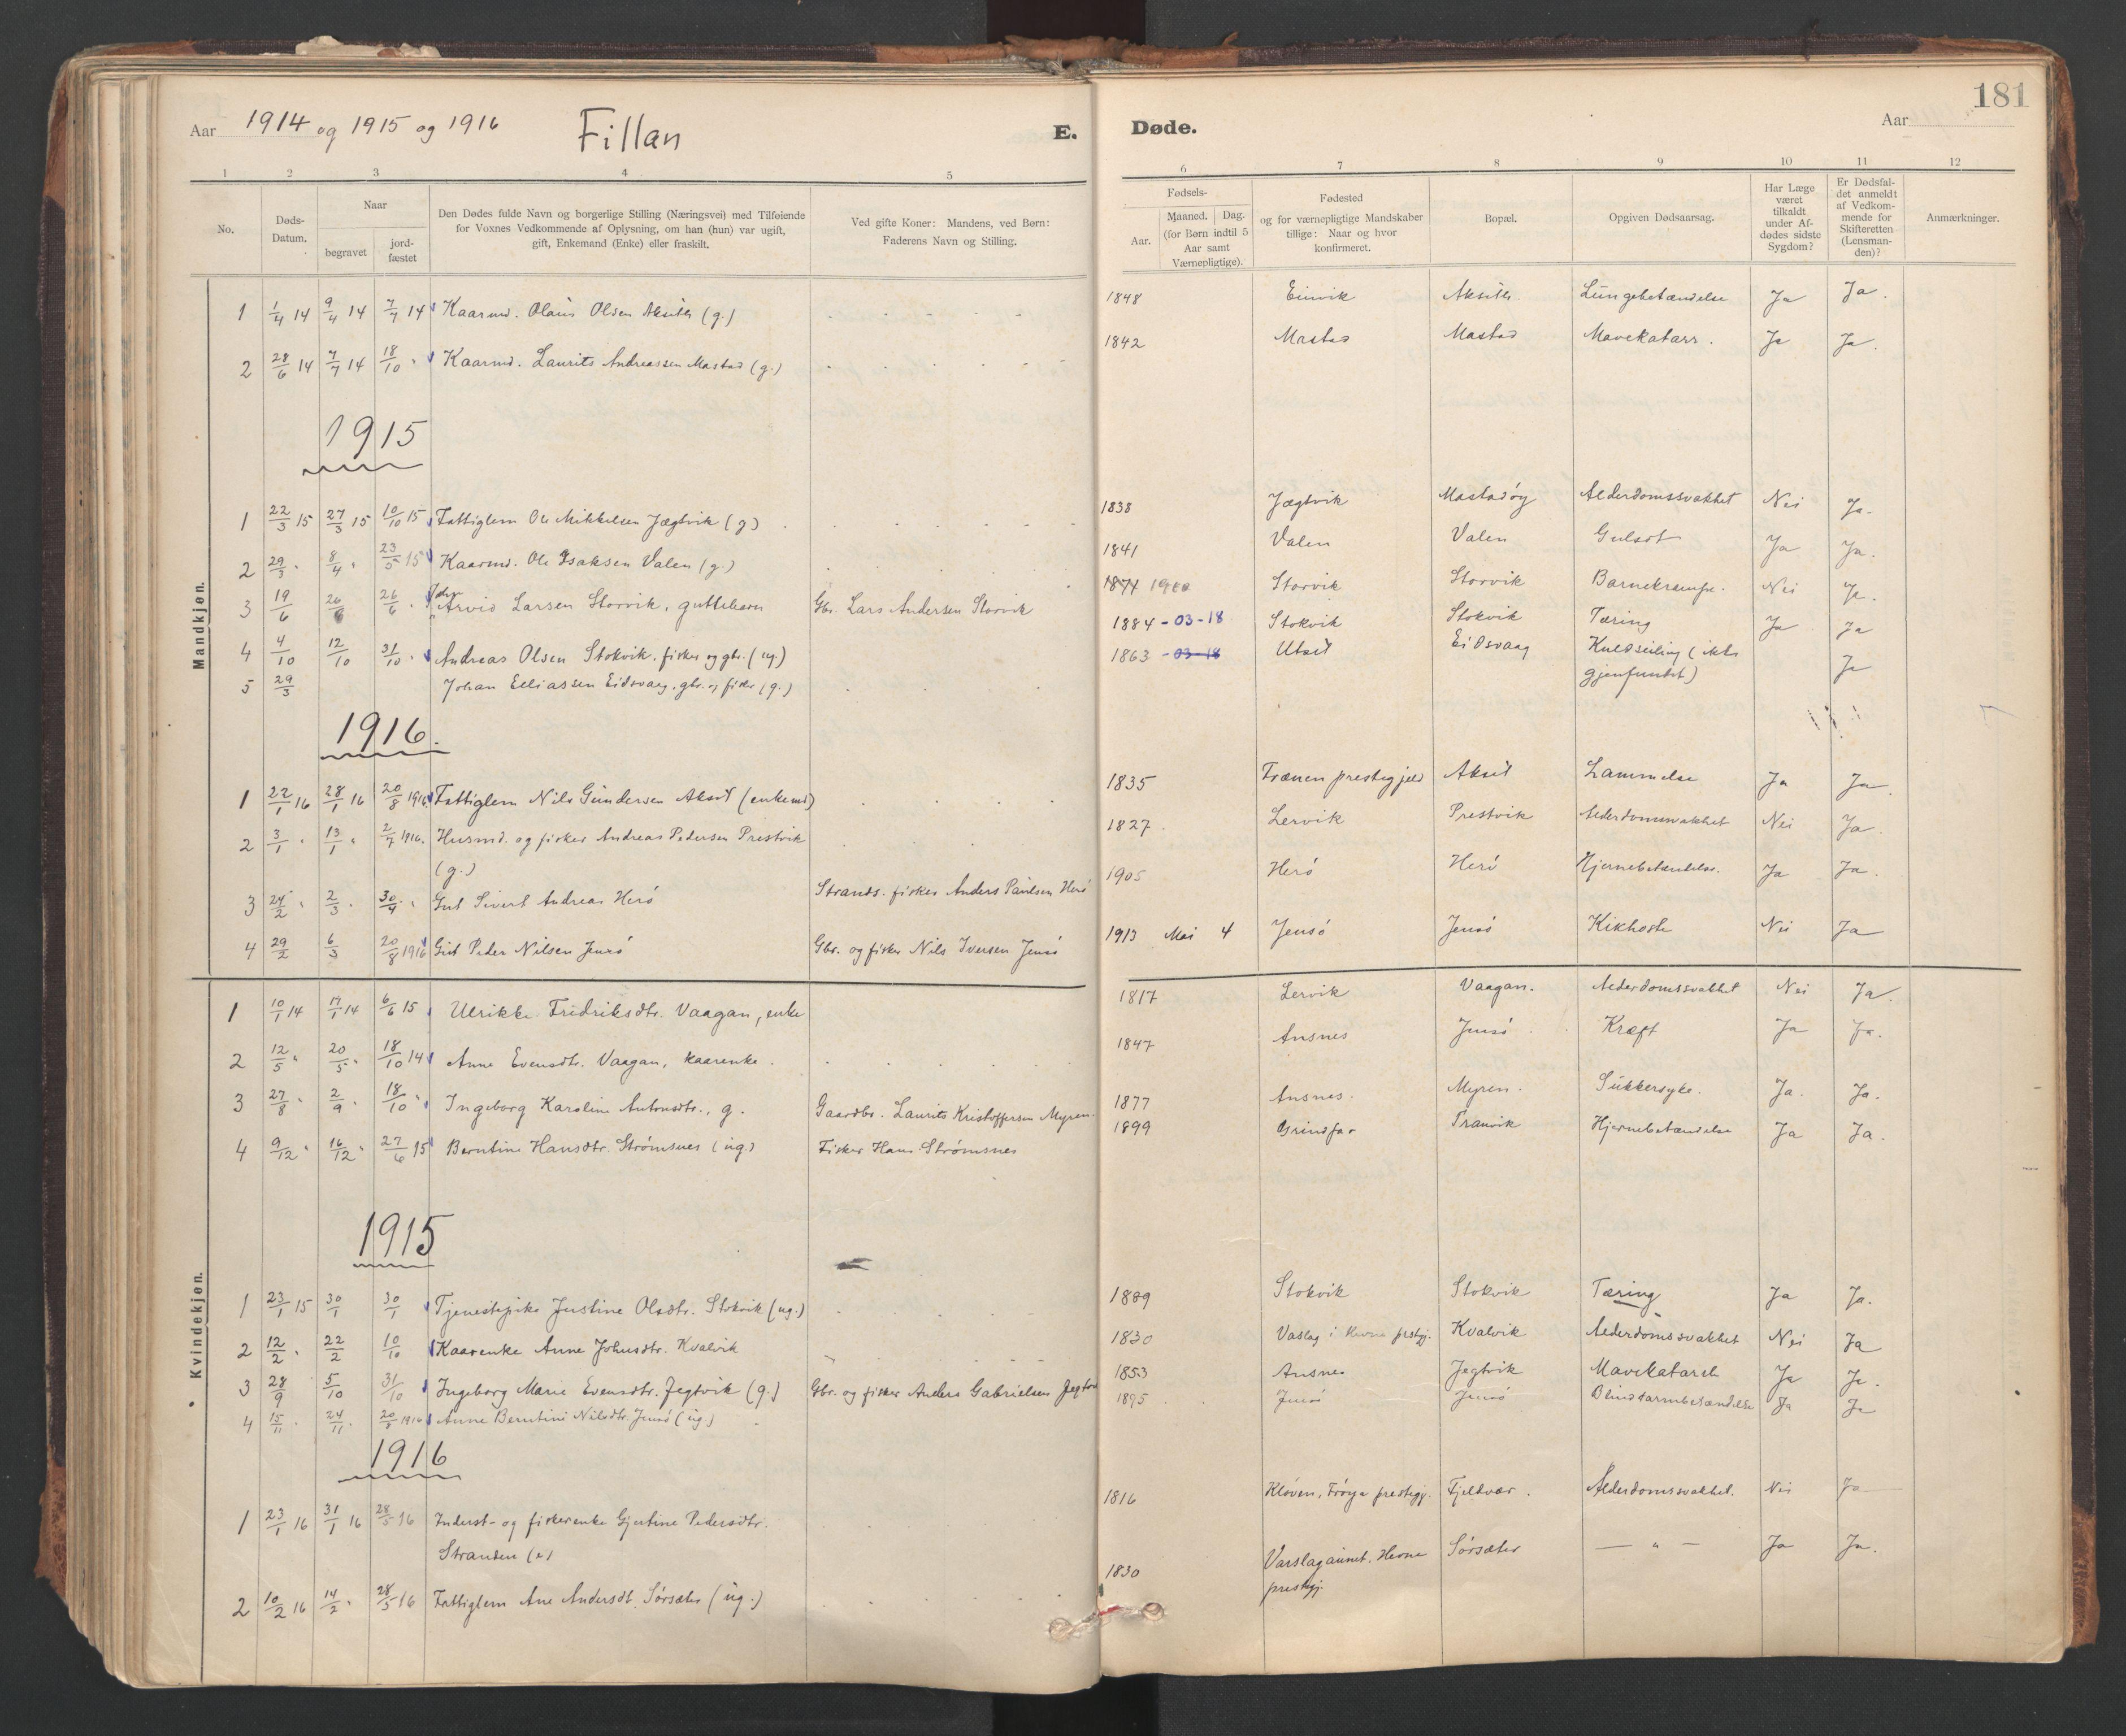 SAT, Ministerialprotokoller, klokkerbøker og fødselsregistre - Sør-Trøndelag, 637/L0559: Ministerialbok nr. 637A02, 1899-1923, s. 181